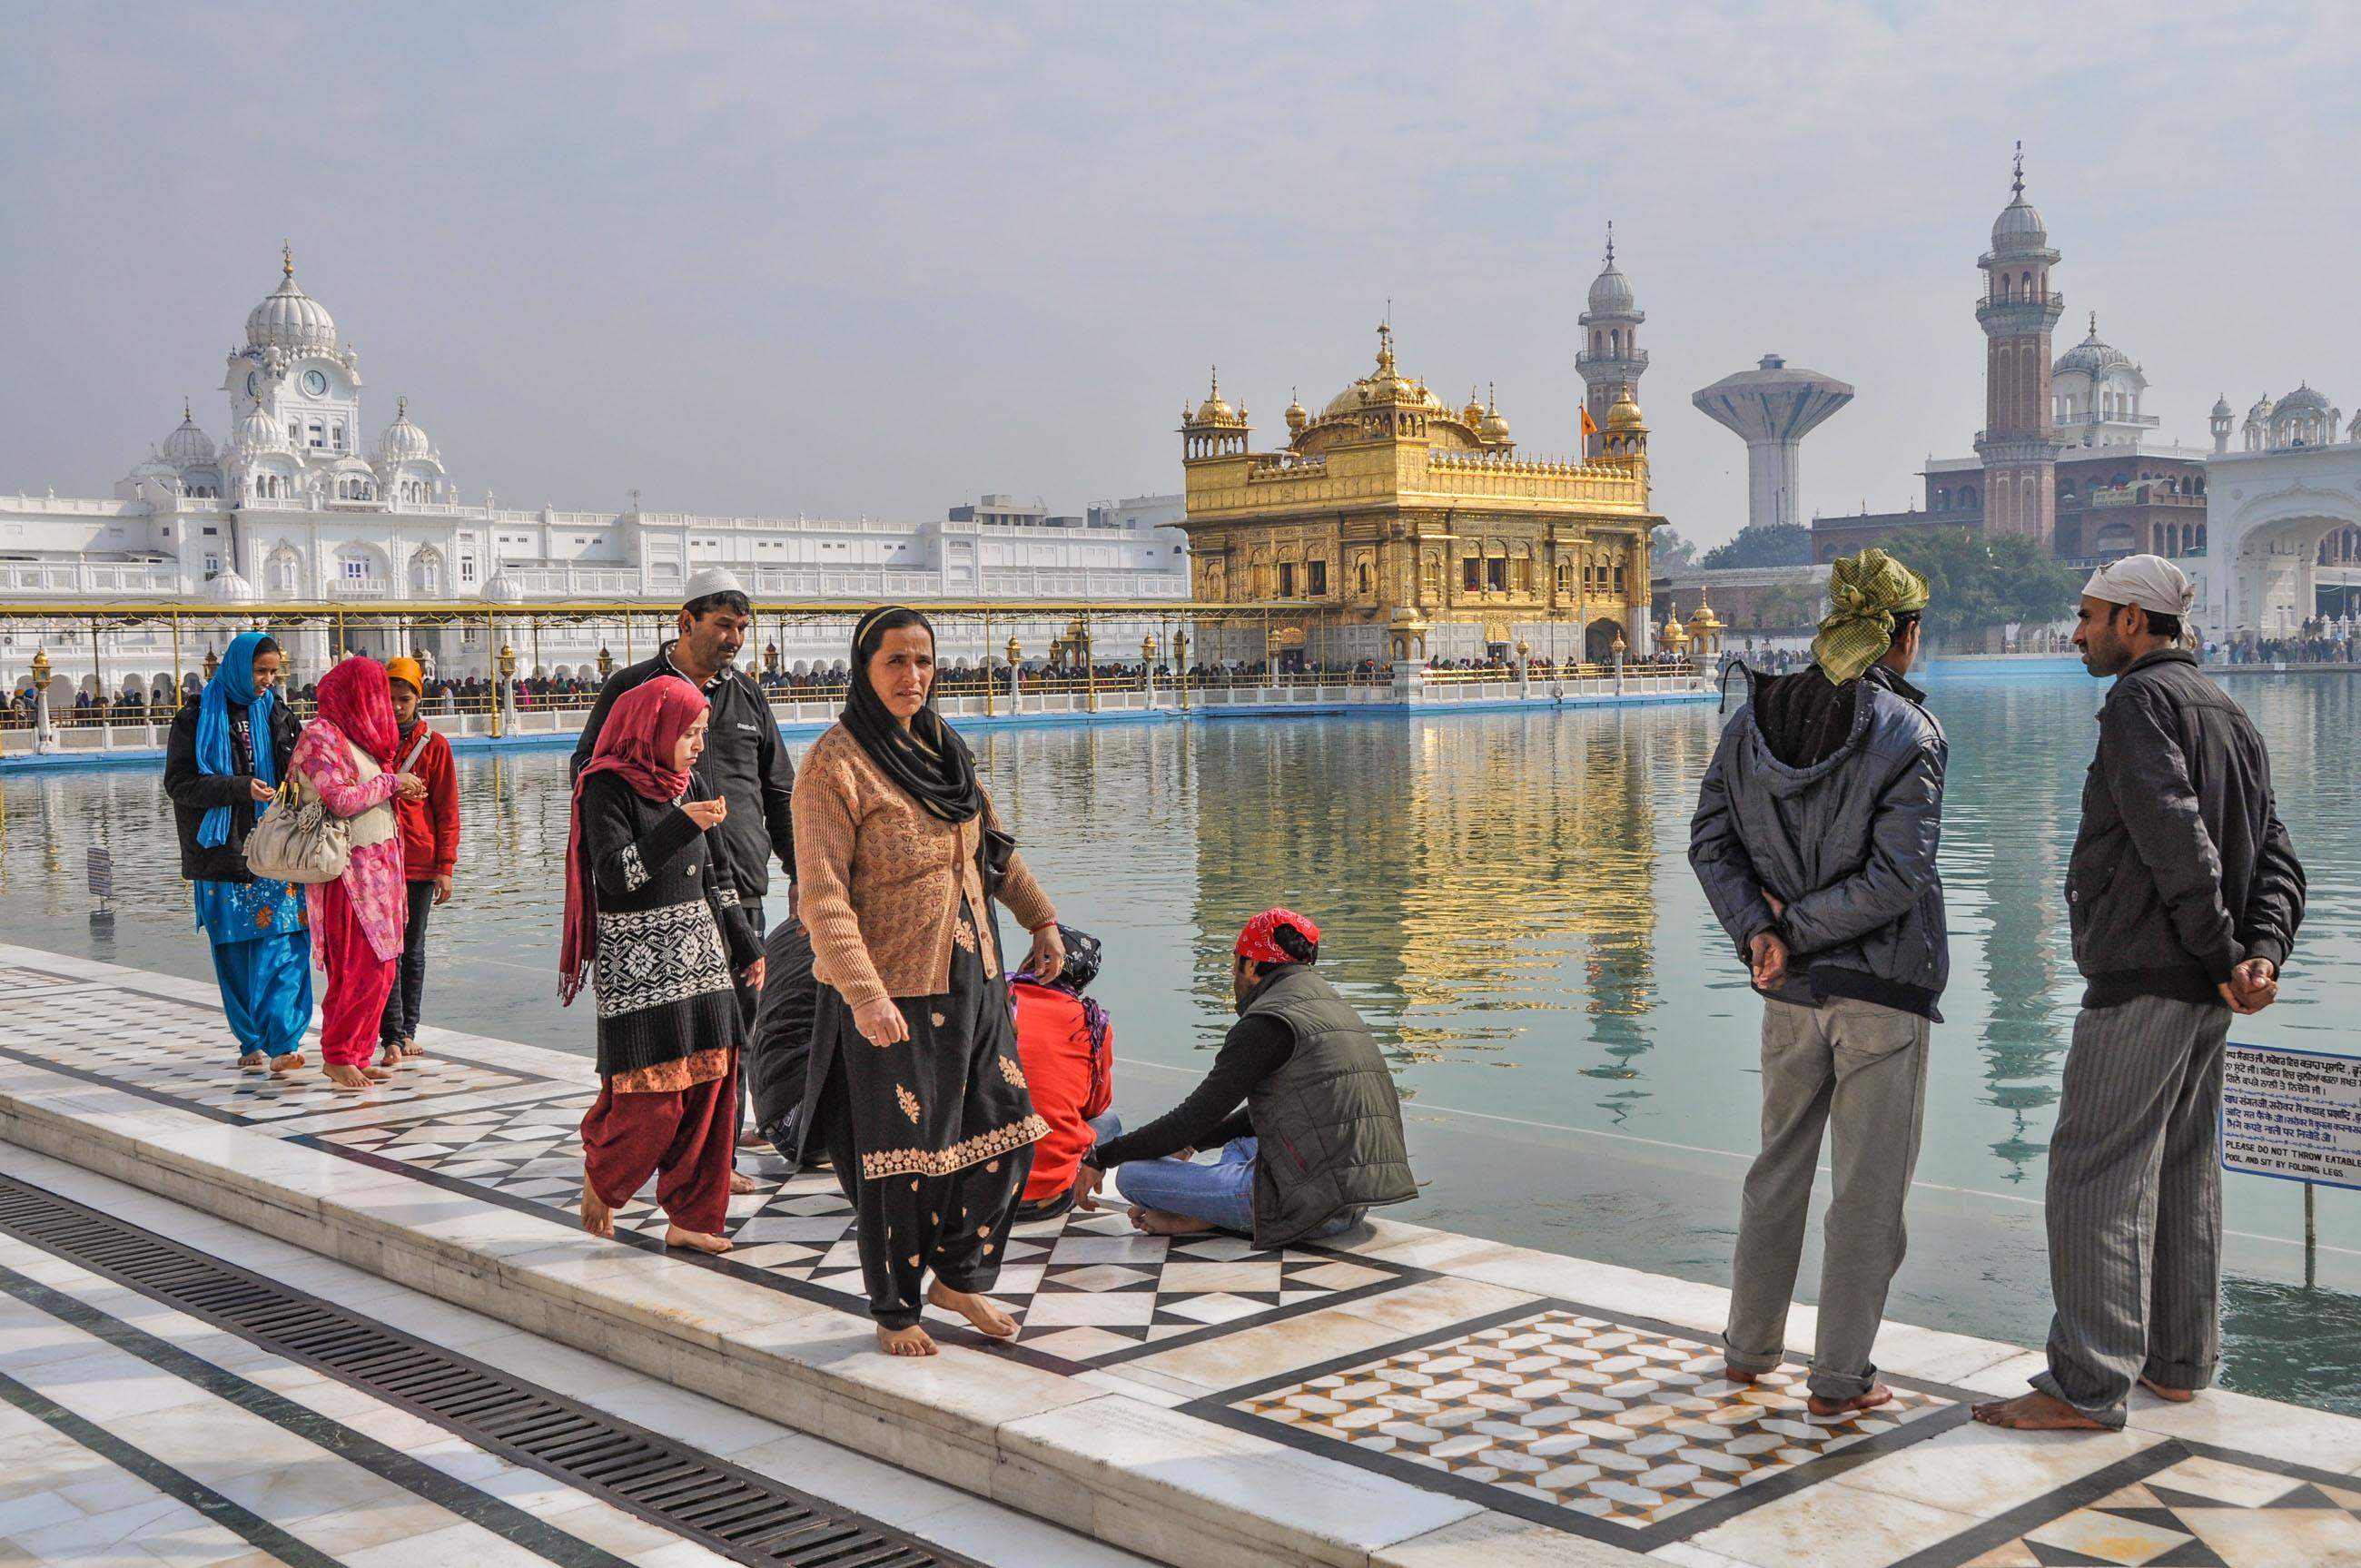 https://bubo.sk/uploads/galleries/3468/tomas_kubus_india_amritsar_dsc_0147.jpg